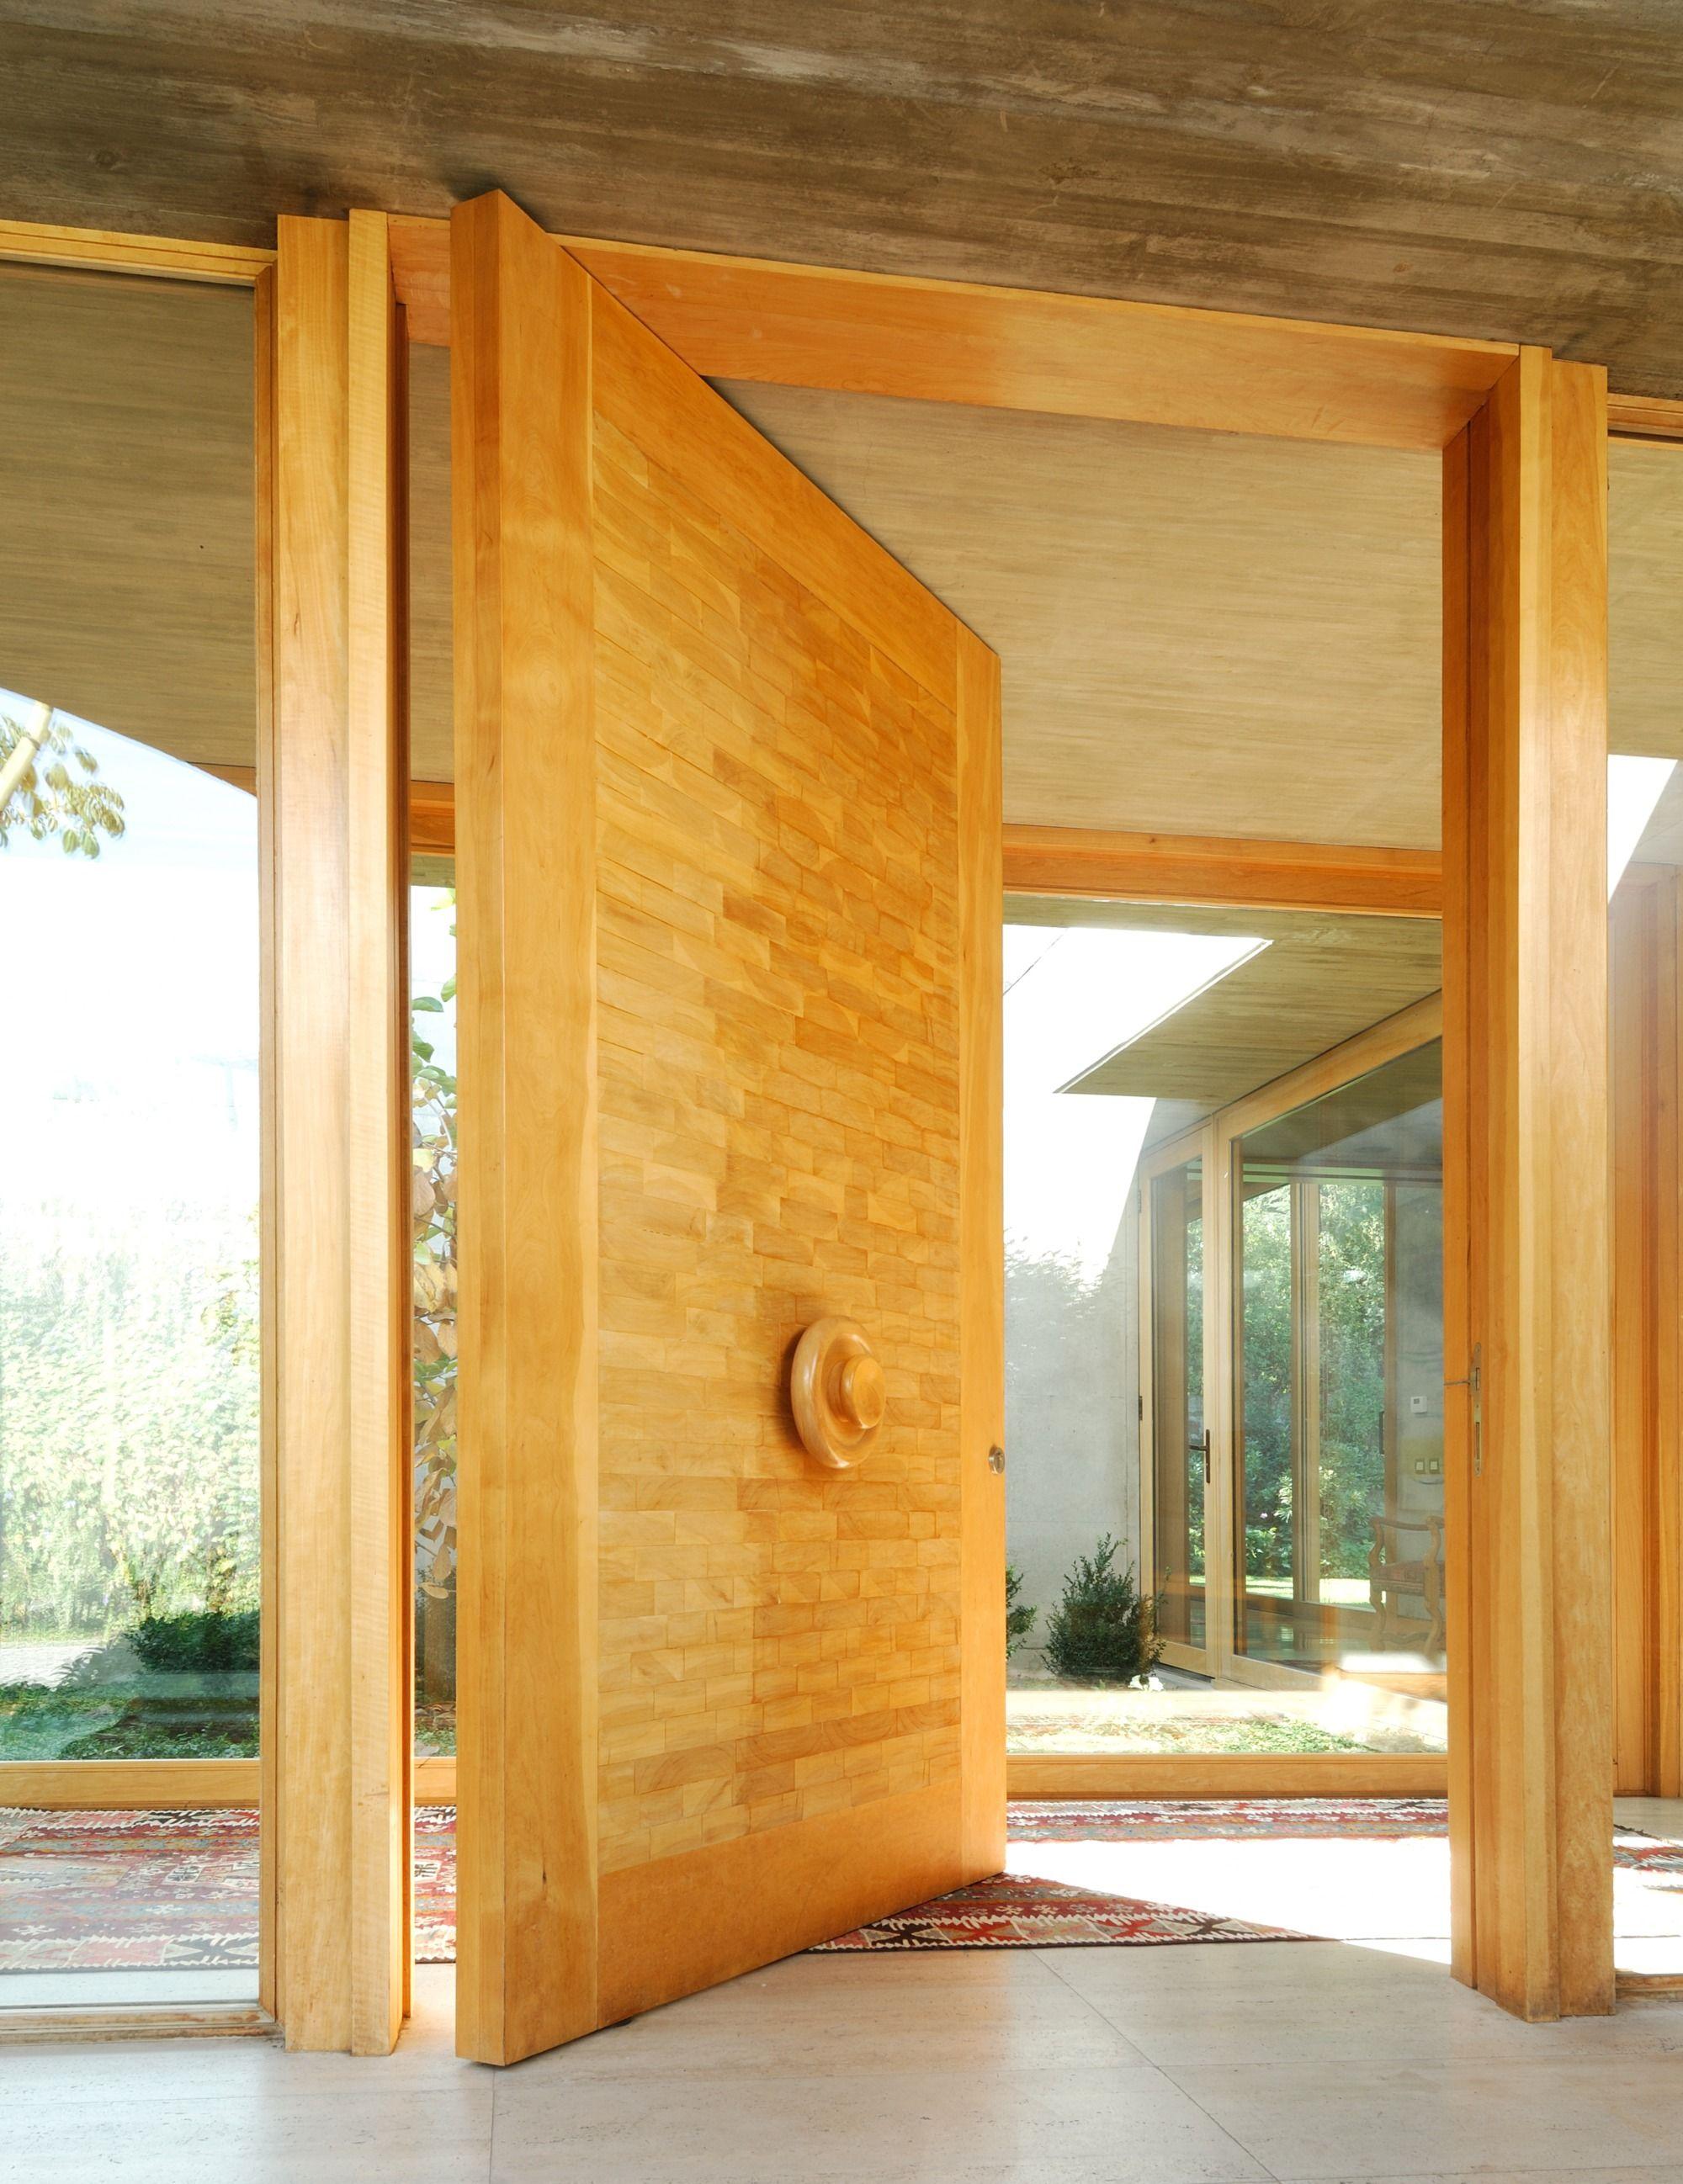 Materiales puertas de madera maciza interiores for Precio puertas interior madera maciza